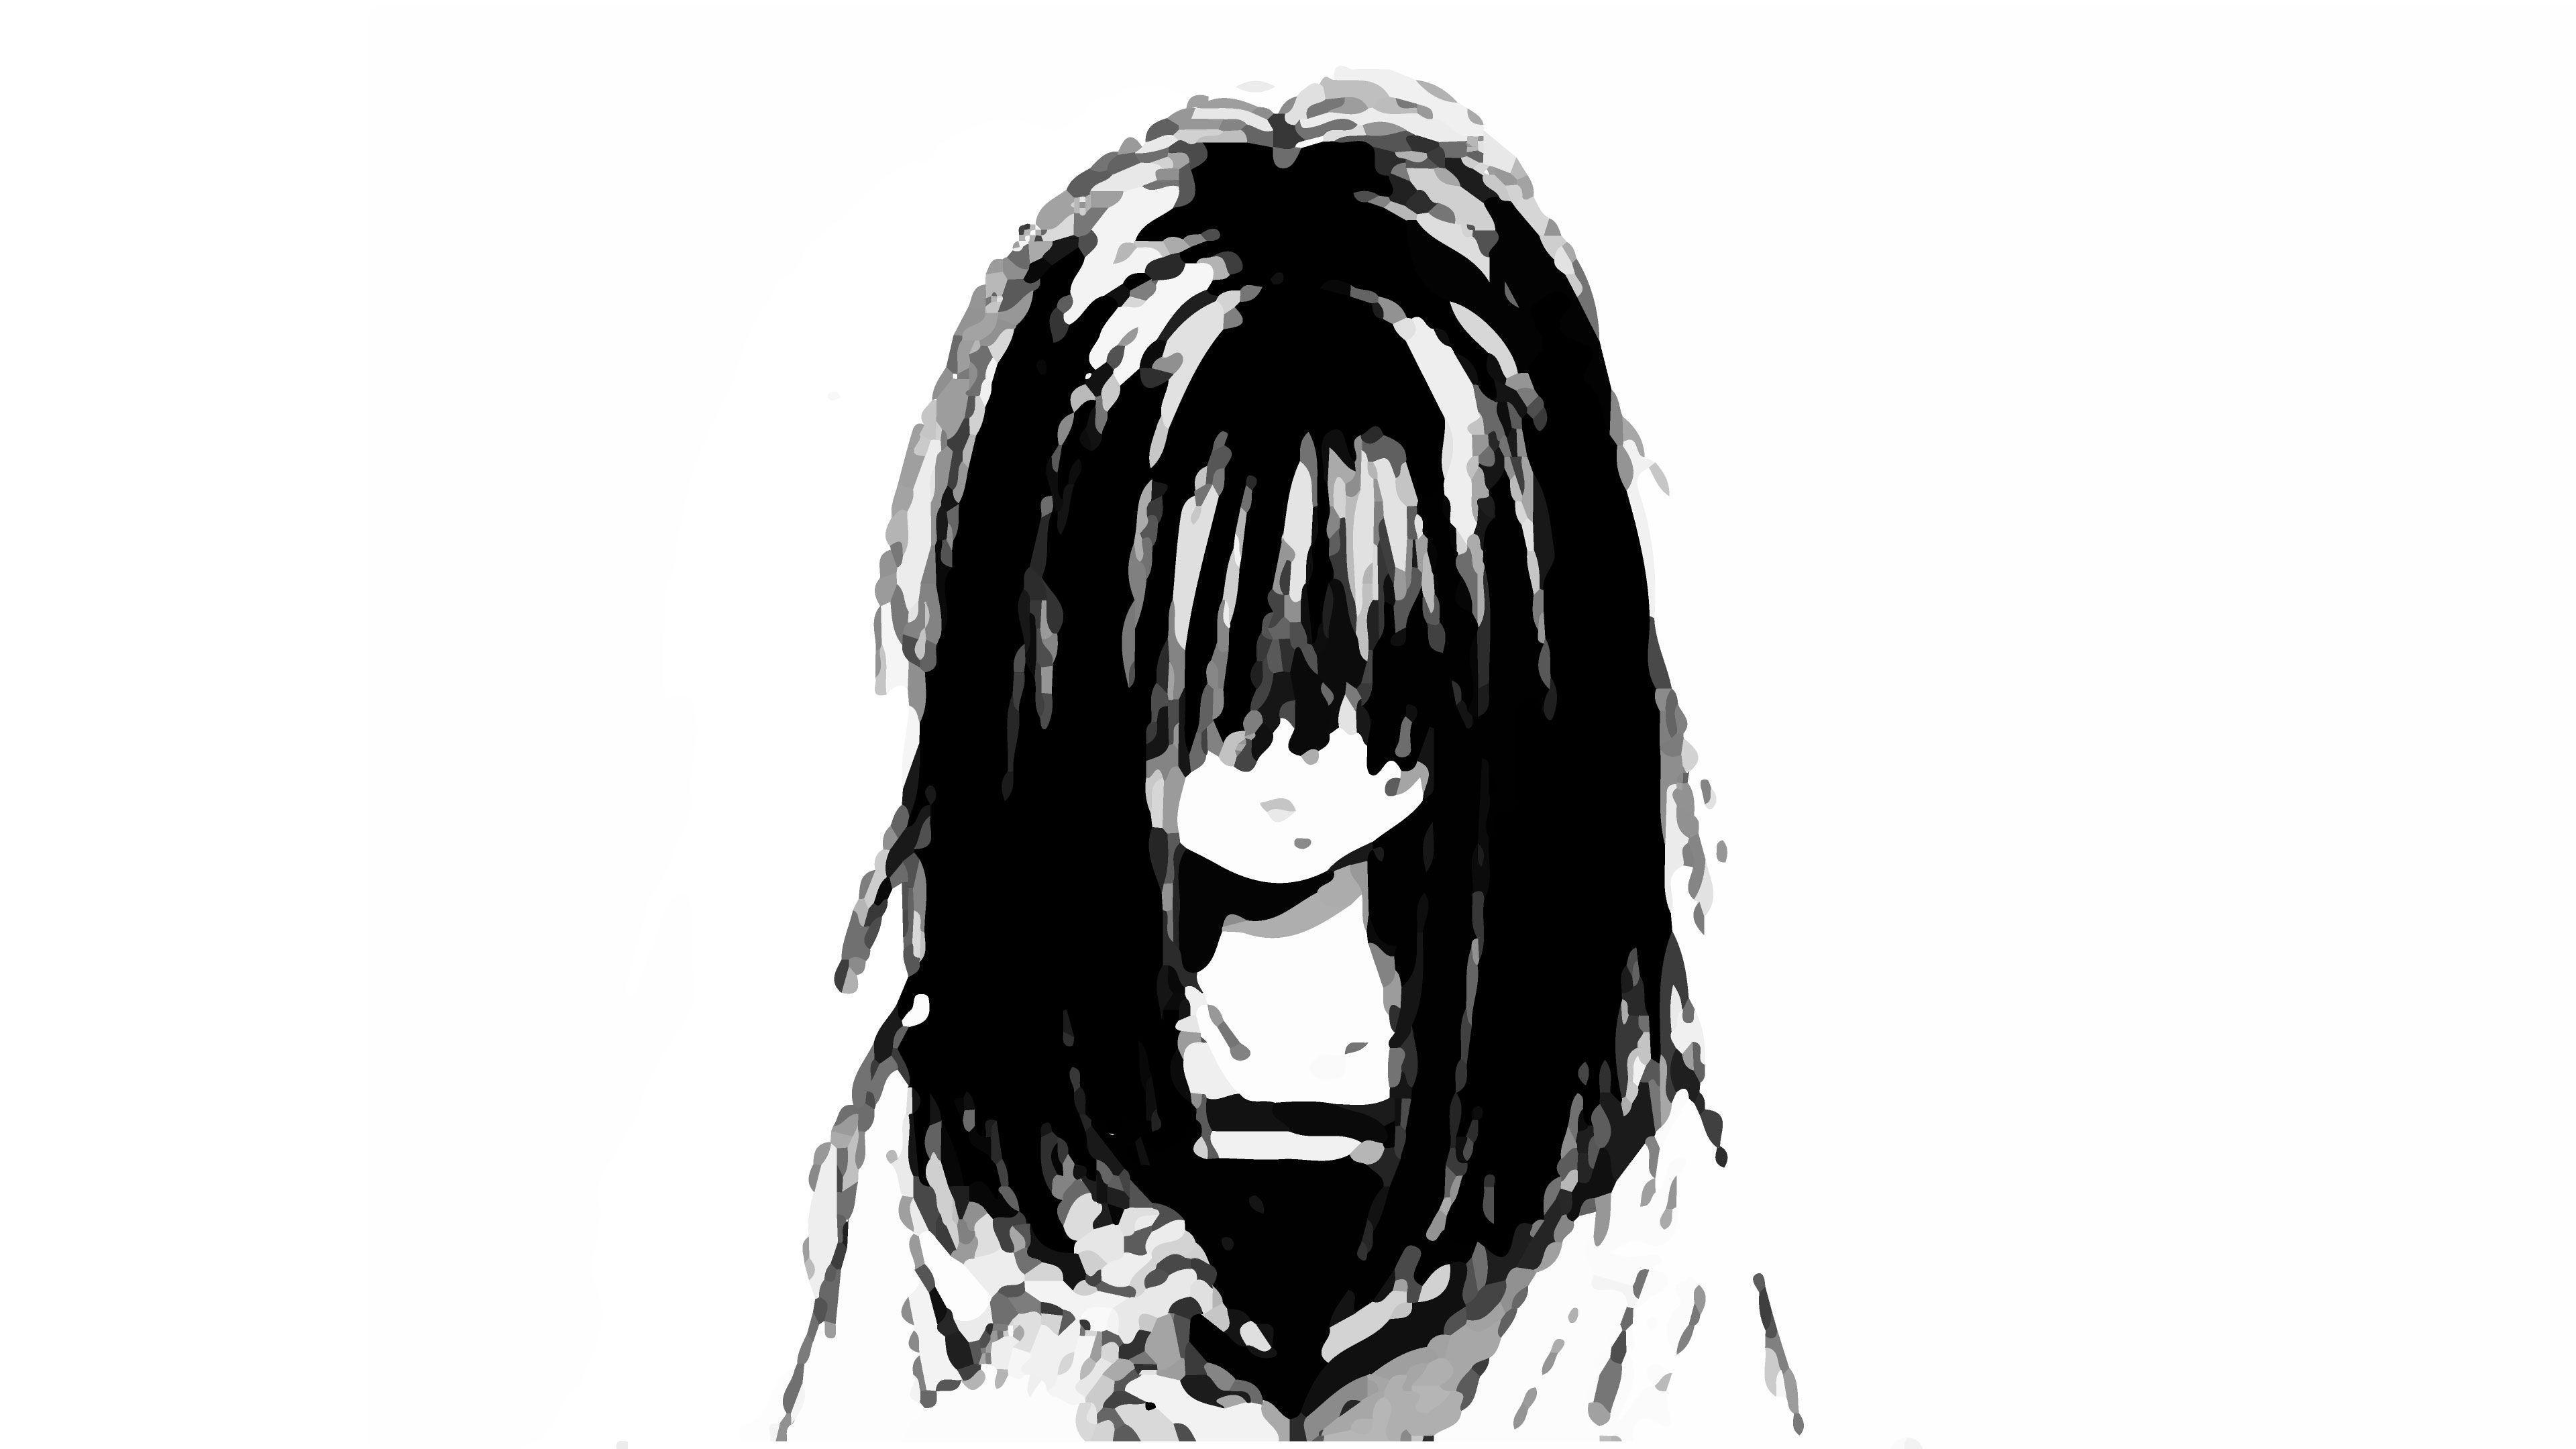 Crying Anime Girl Wallpapers - Top Free Crying Anime Girl ...